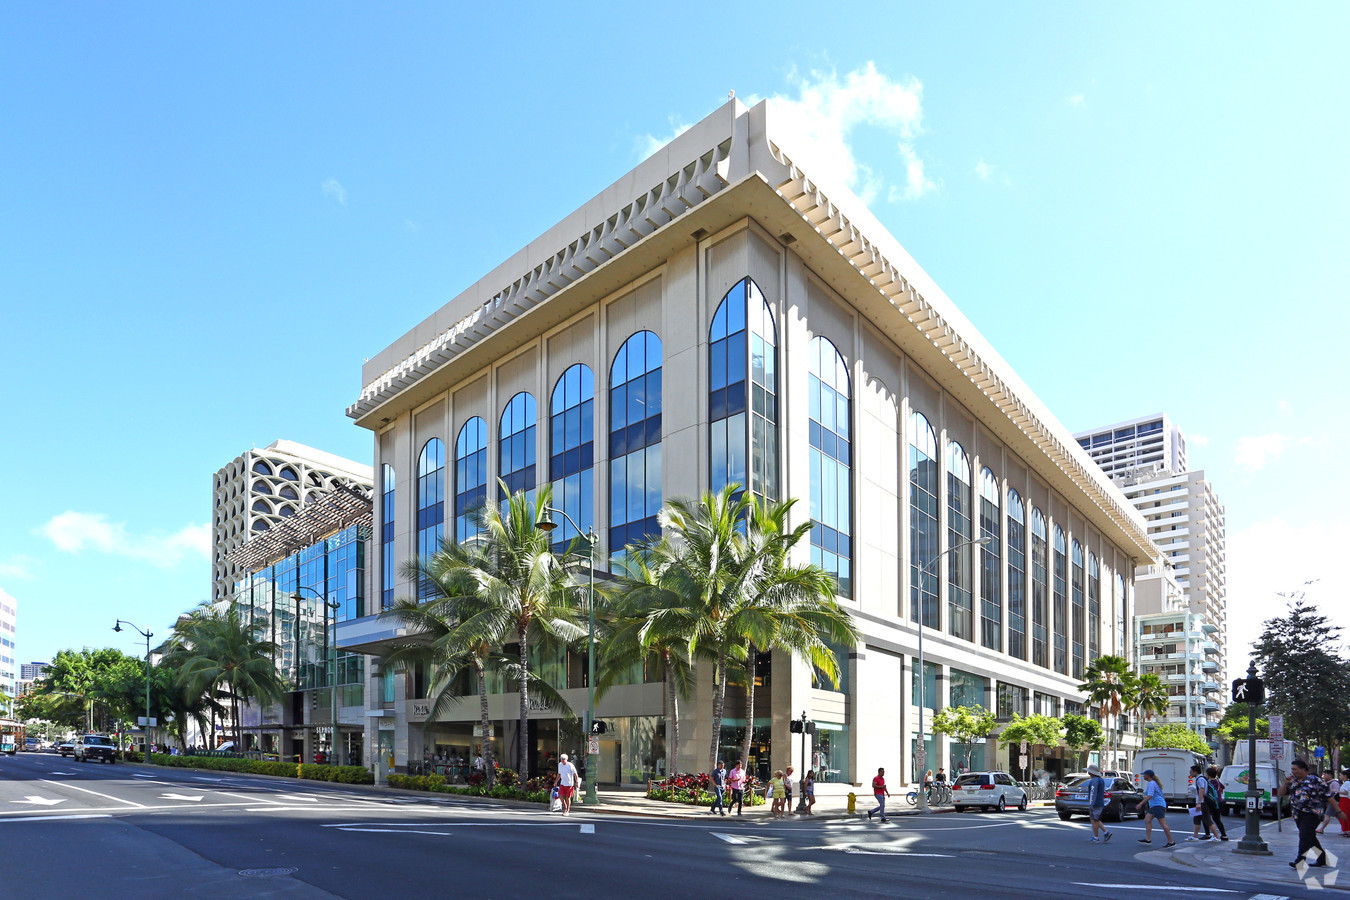 HanaTour in Waikiki Shopping Plaza